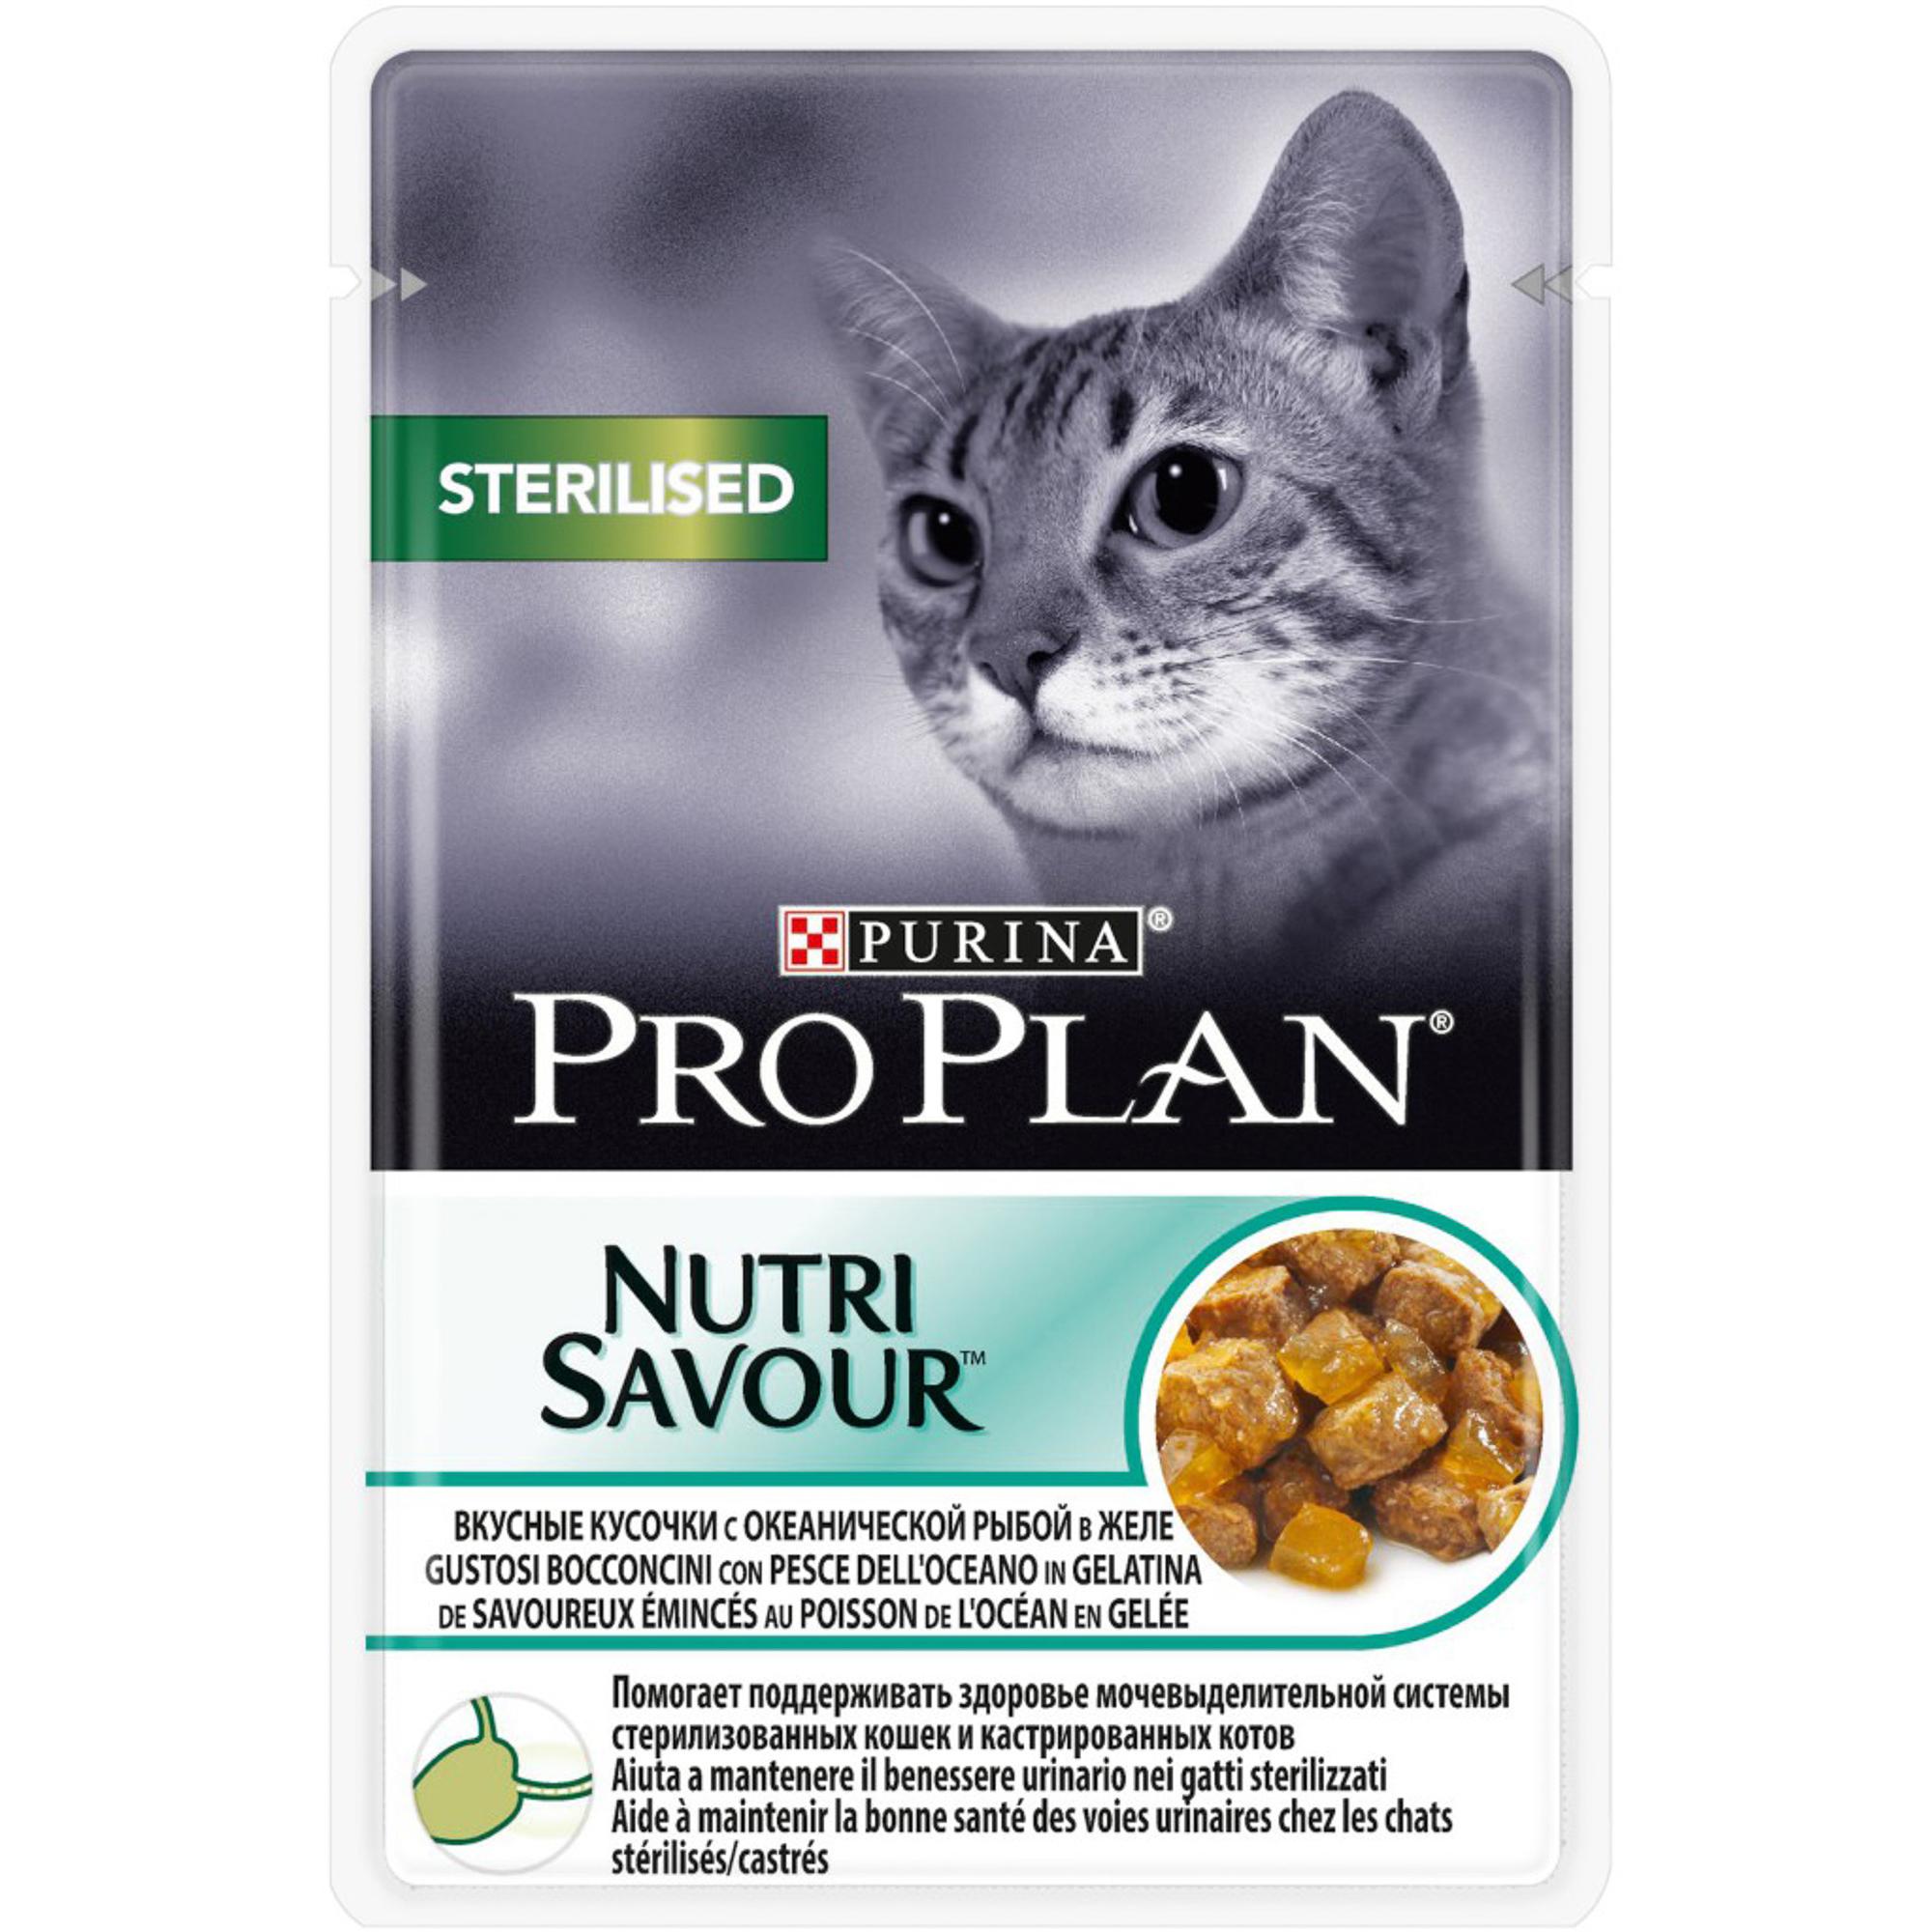 Корм для кошек PRO PLAN Nutri Savour Sterilised для стерилизованных кошек, с океанической рыбой в желе, 85г